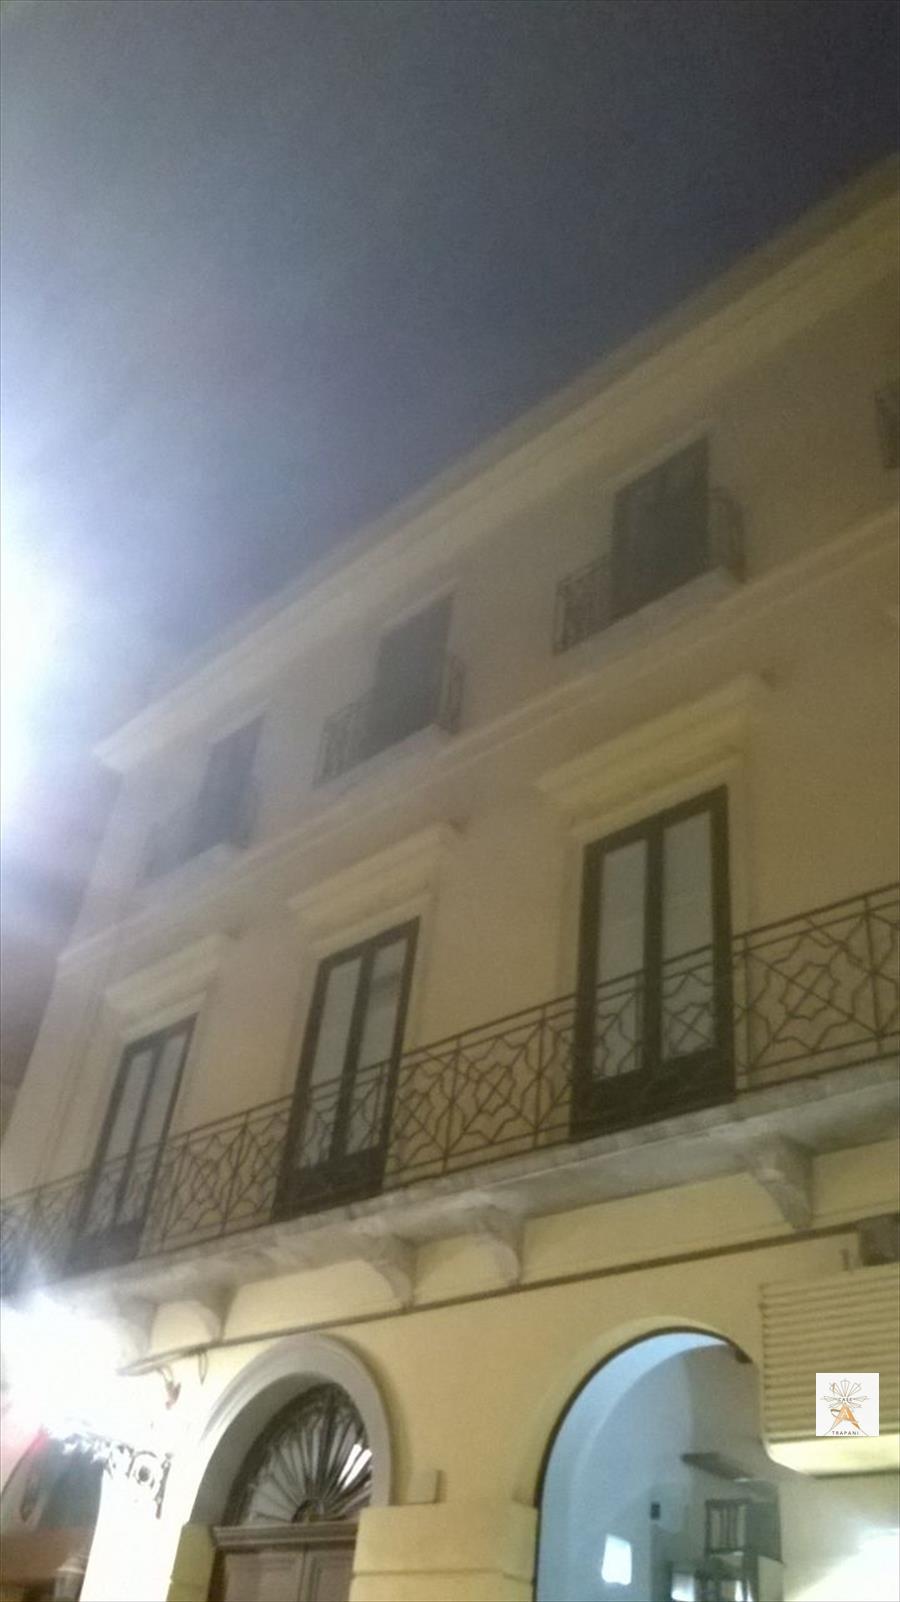 Palazzo / Stabile in vendita a Trapani, 8 locali, prezzo € 530.000 | Cambio Casa.it